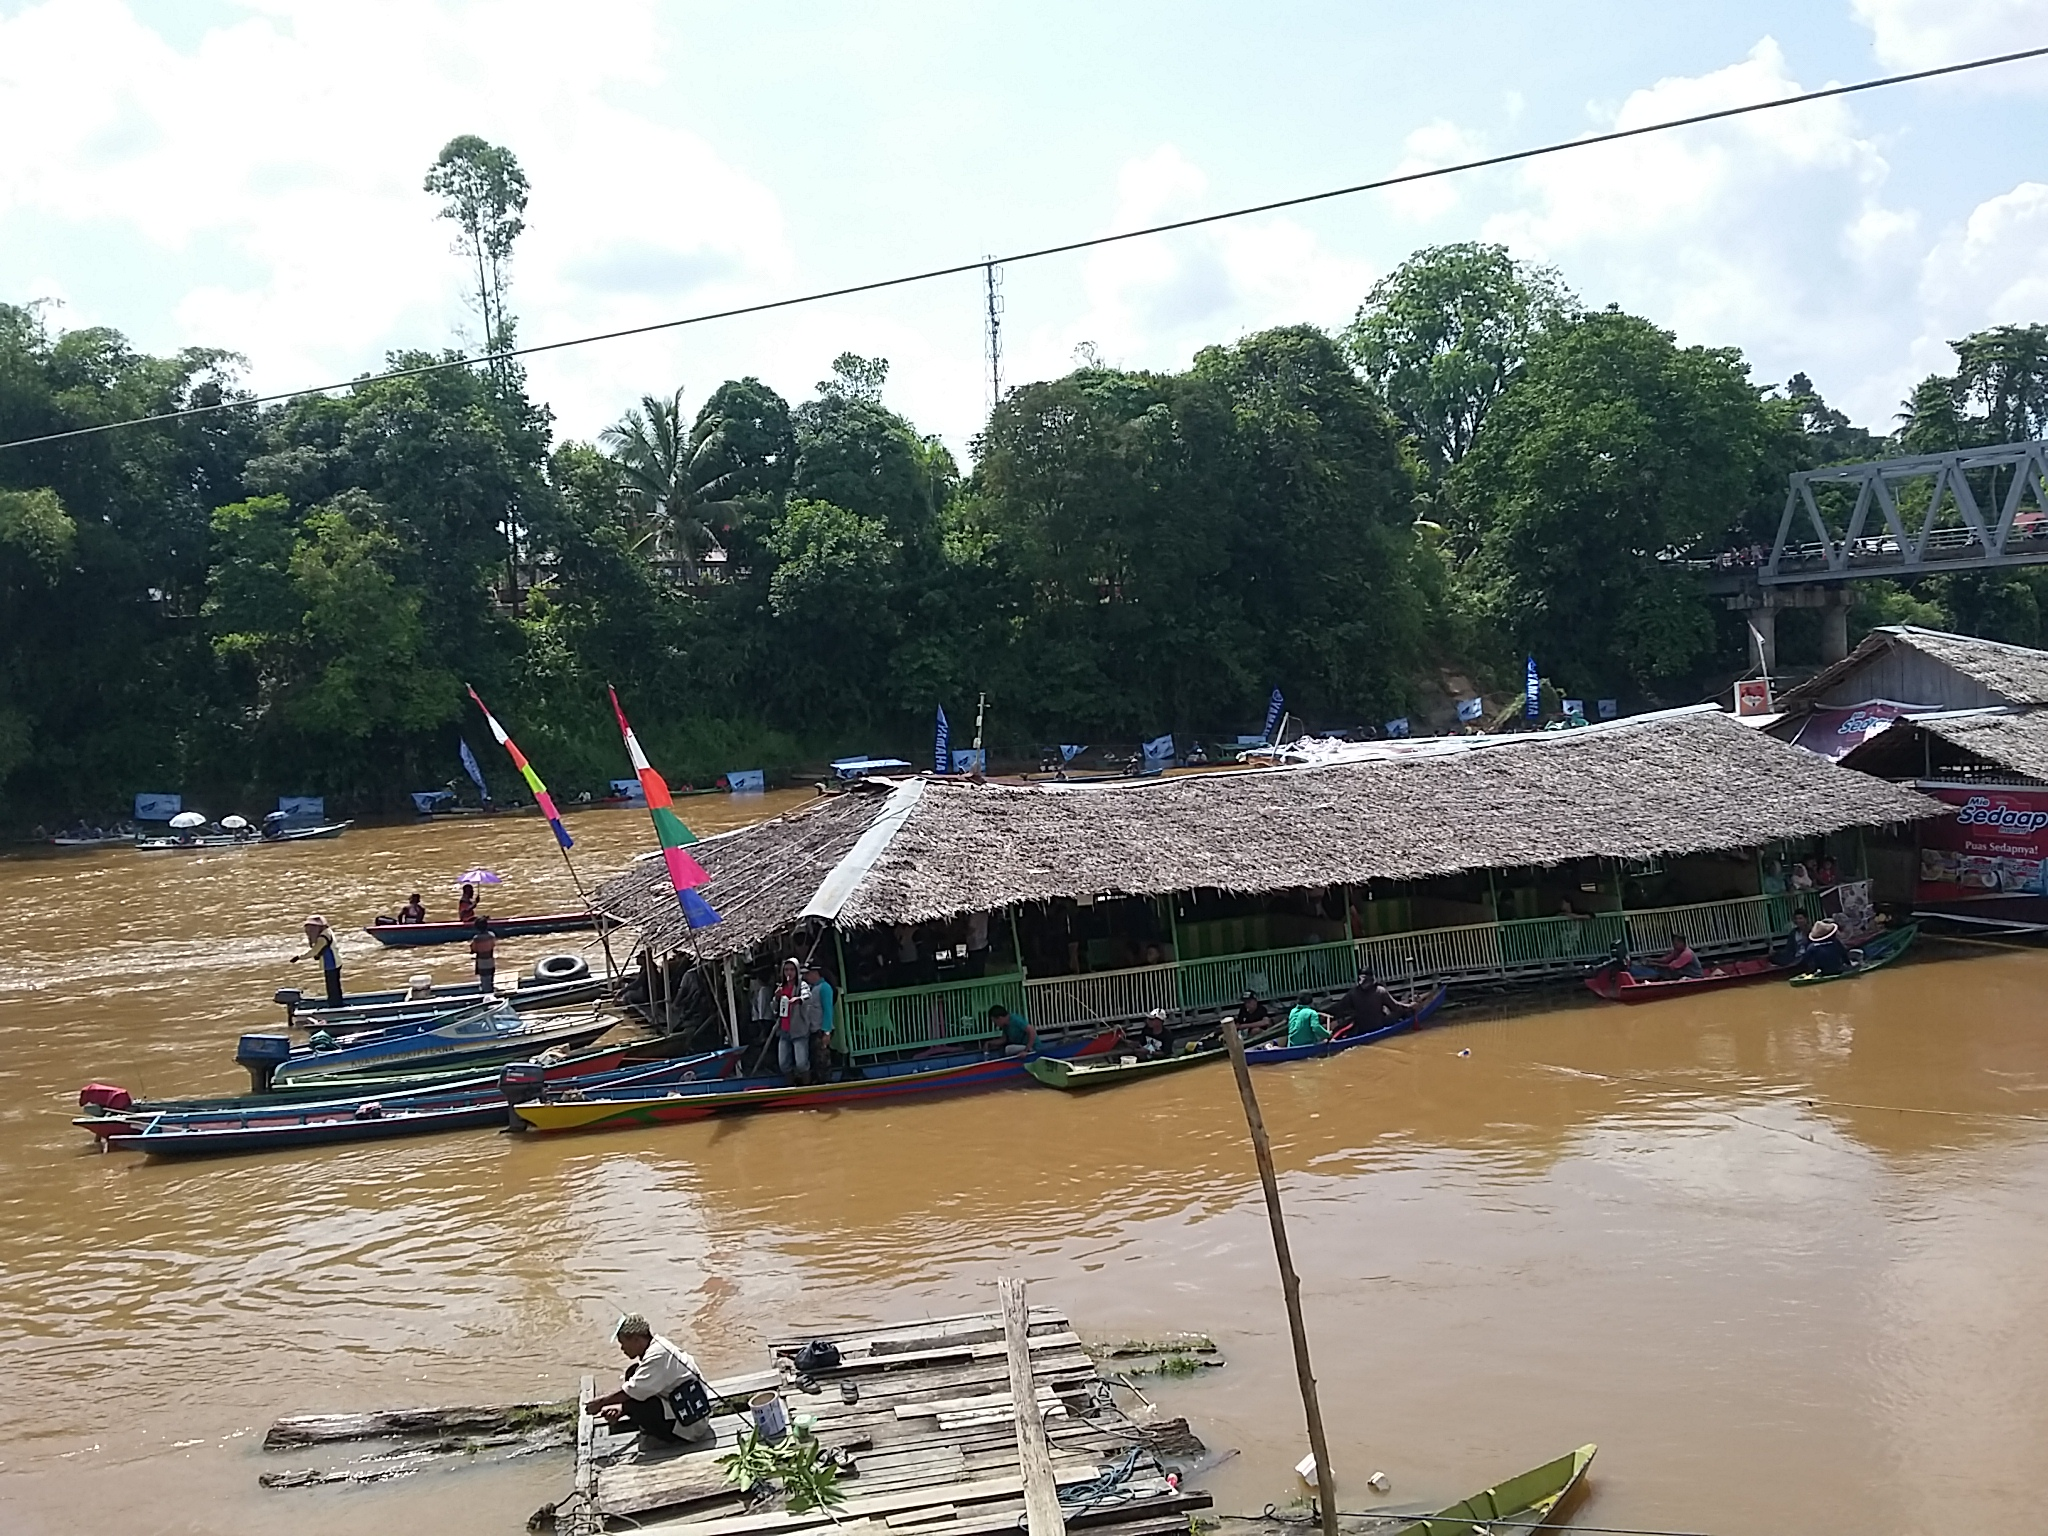 1368 PESERTA LOMBA MANCING MANIA HARI JADI KE-402 KOTA SANGGAU